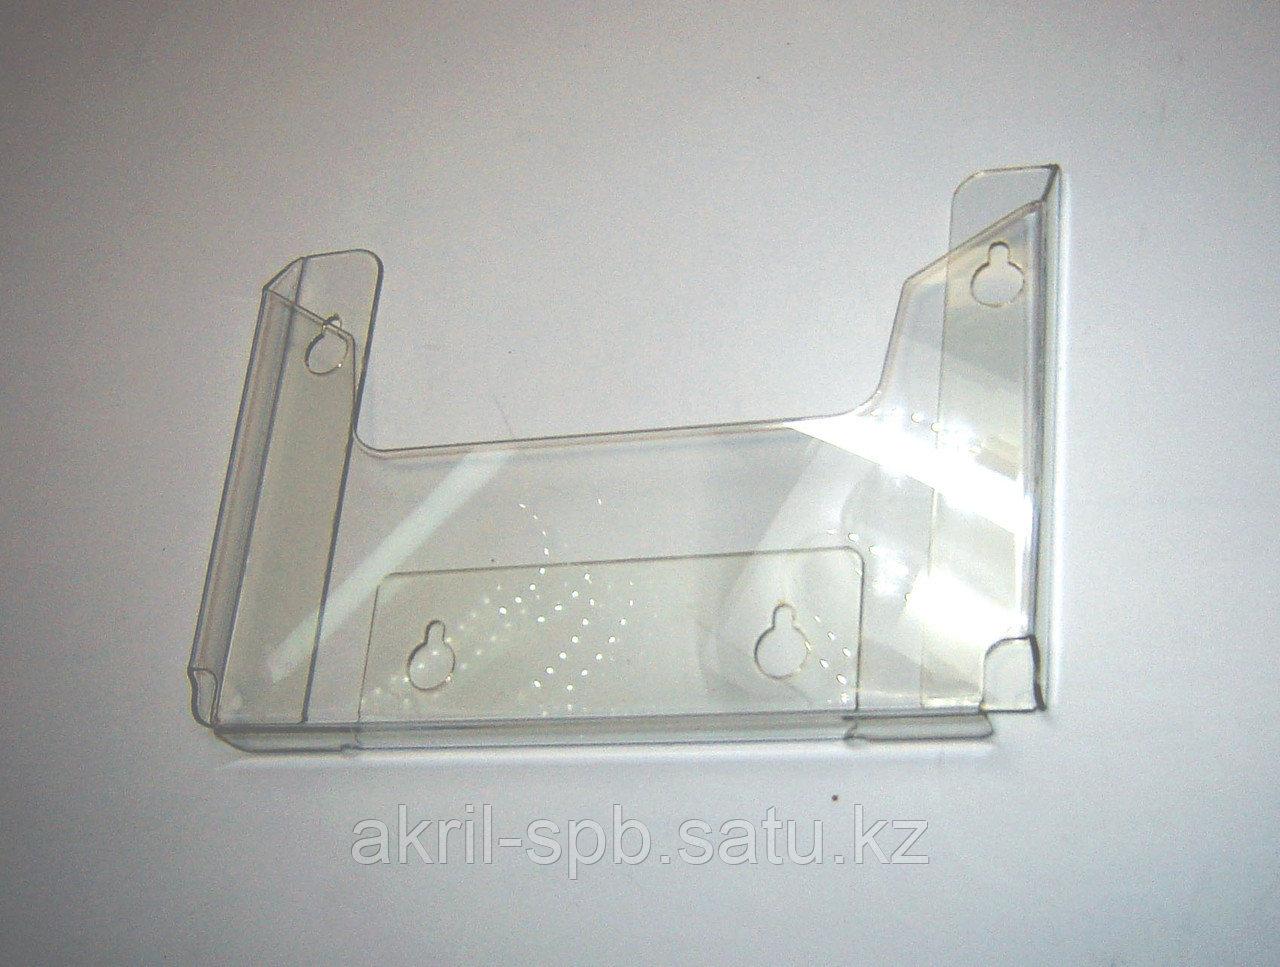 Карман буклетница настенная А5 горизонтальный 15 мм 1,5 мм ПЭТ грушевидные